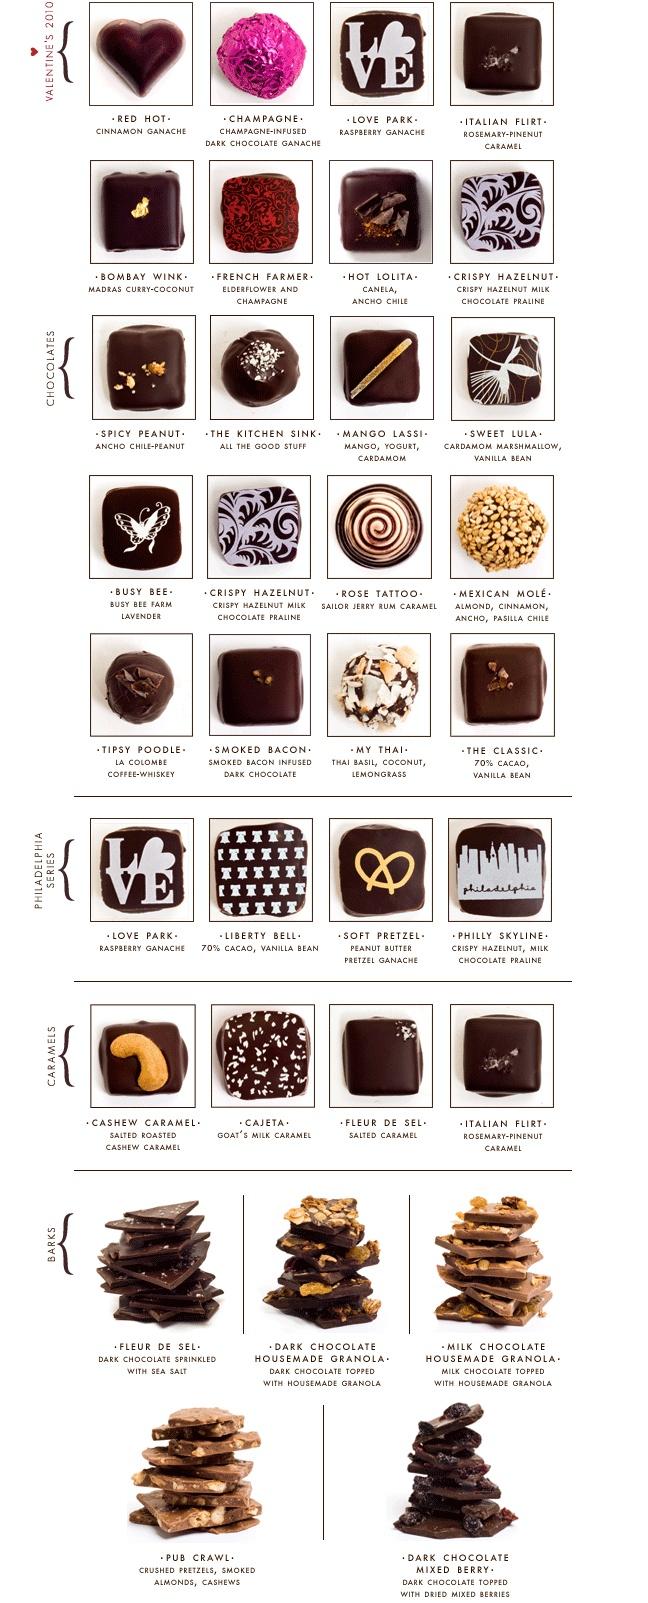 Artisanal Chocolates by Marcie Blaine!